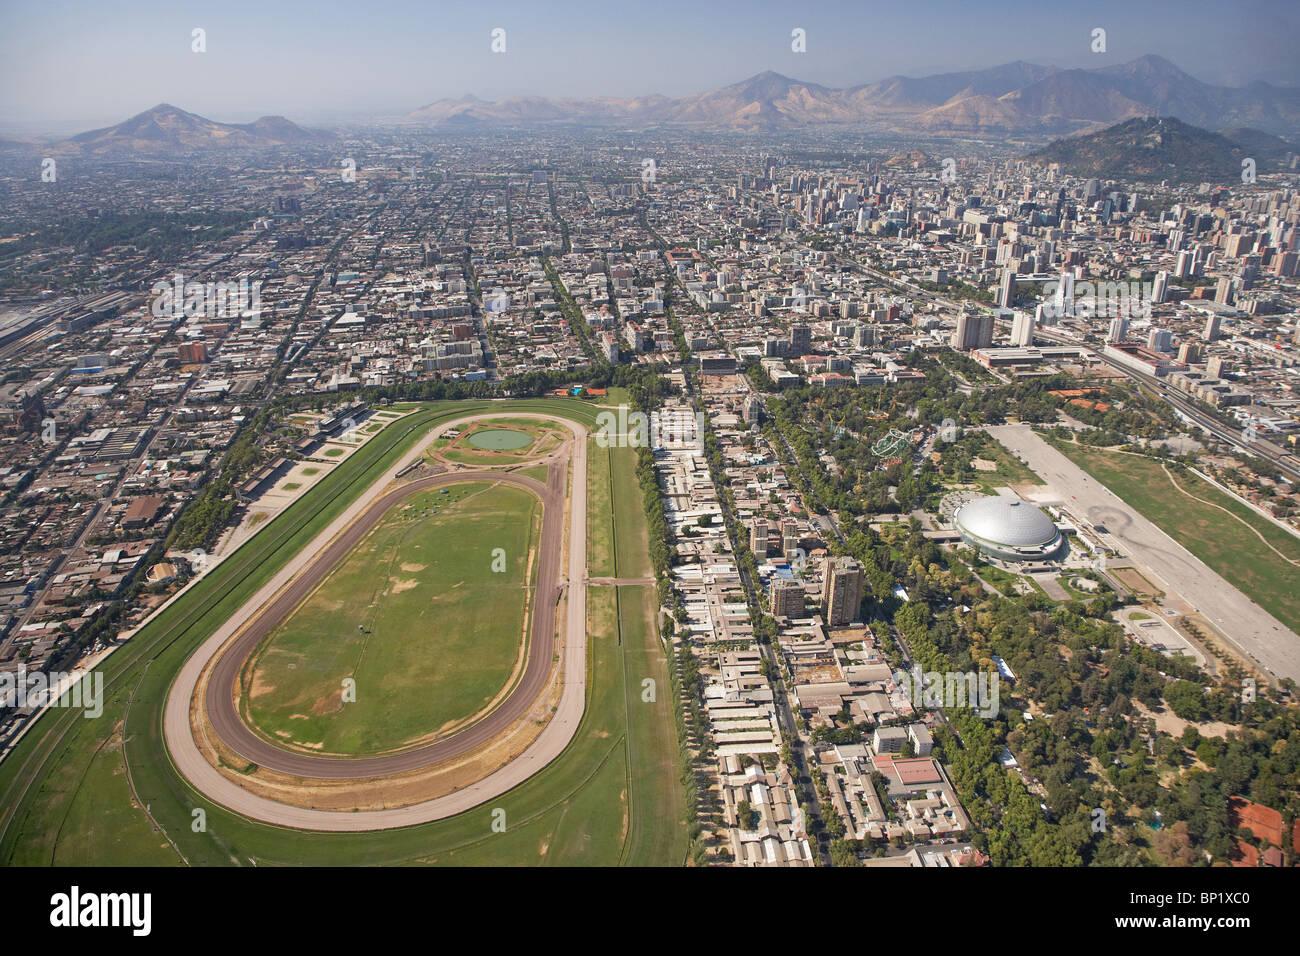 Club Hipico (Santiago Rennstrecke) und Parque O'Higgins (rechts), Santiago, Chile, Südamerika - Antenne Stockbild